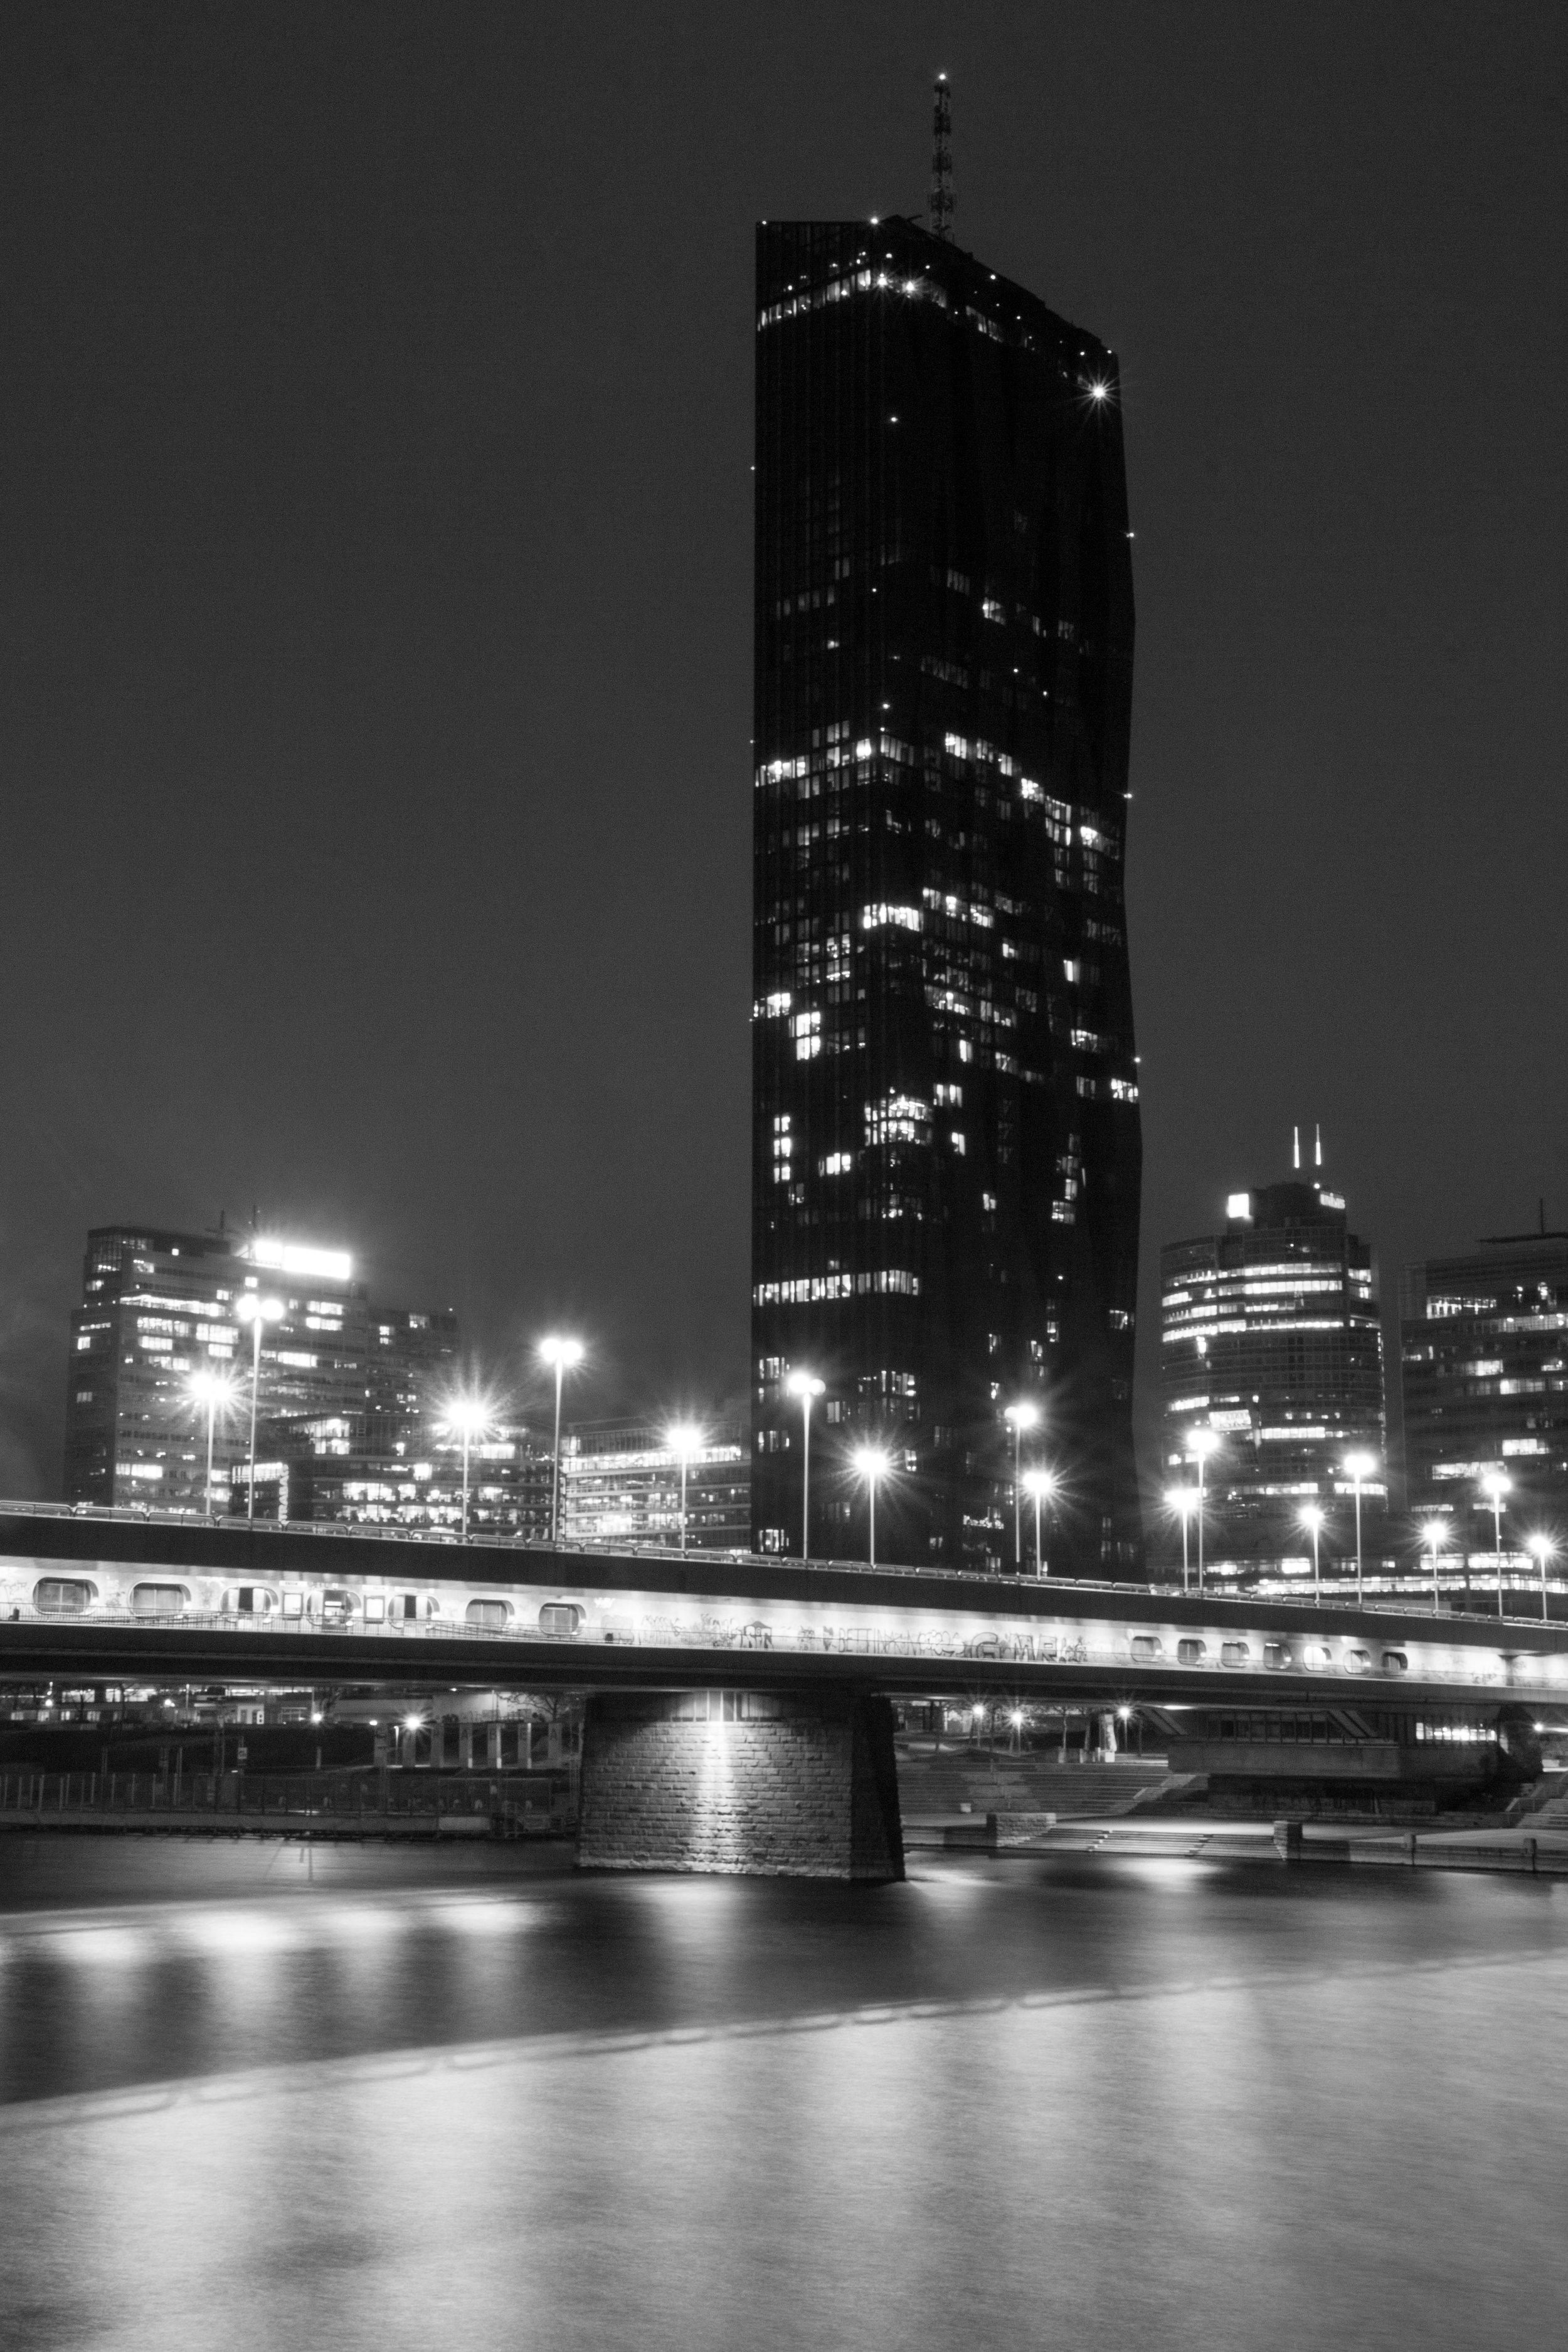 1220 Wien - DC Tower   EOS 70D - F/18 - 30 Sek - ISO 100 - 31mm